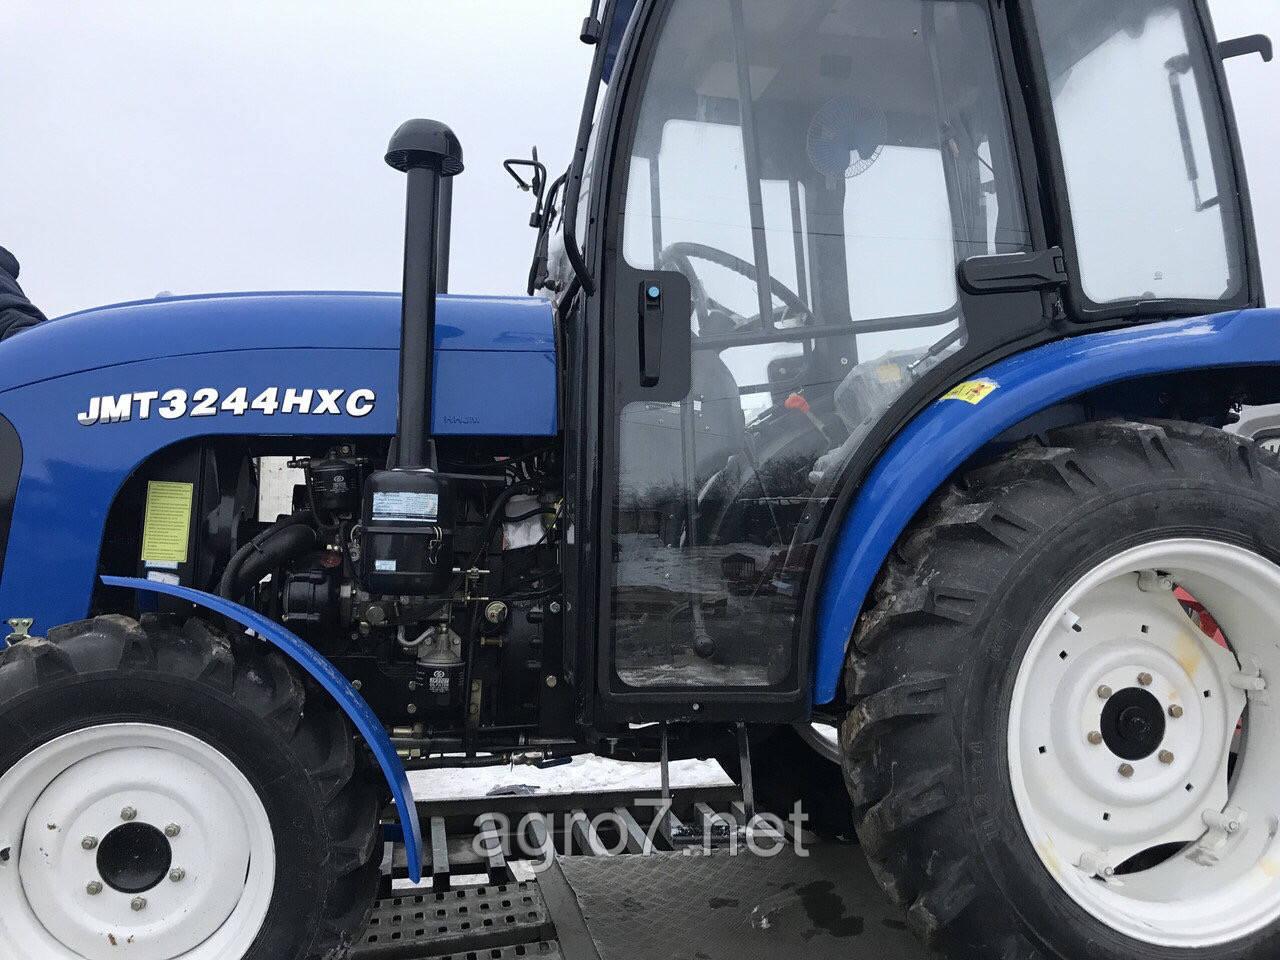 Трактор с доставкой JMT3244HXC (24 л.с, 4×4, ГУР)